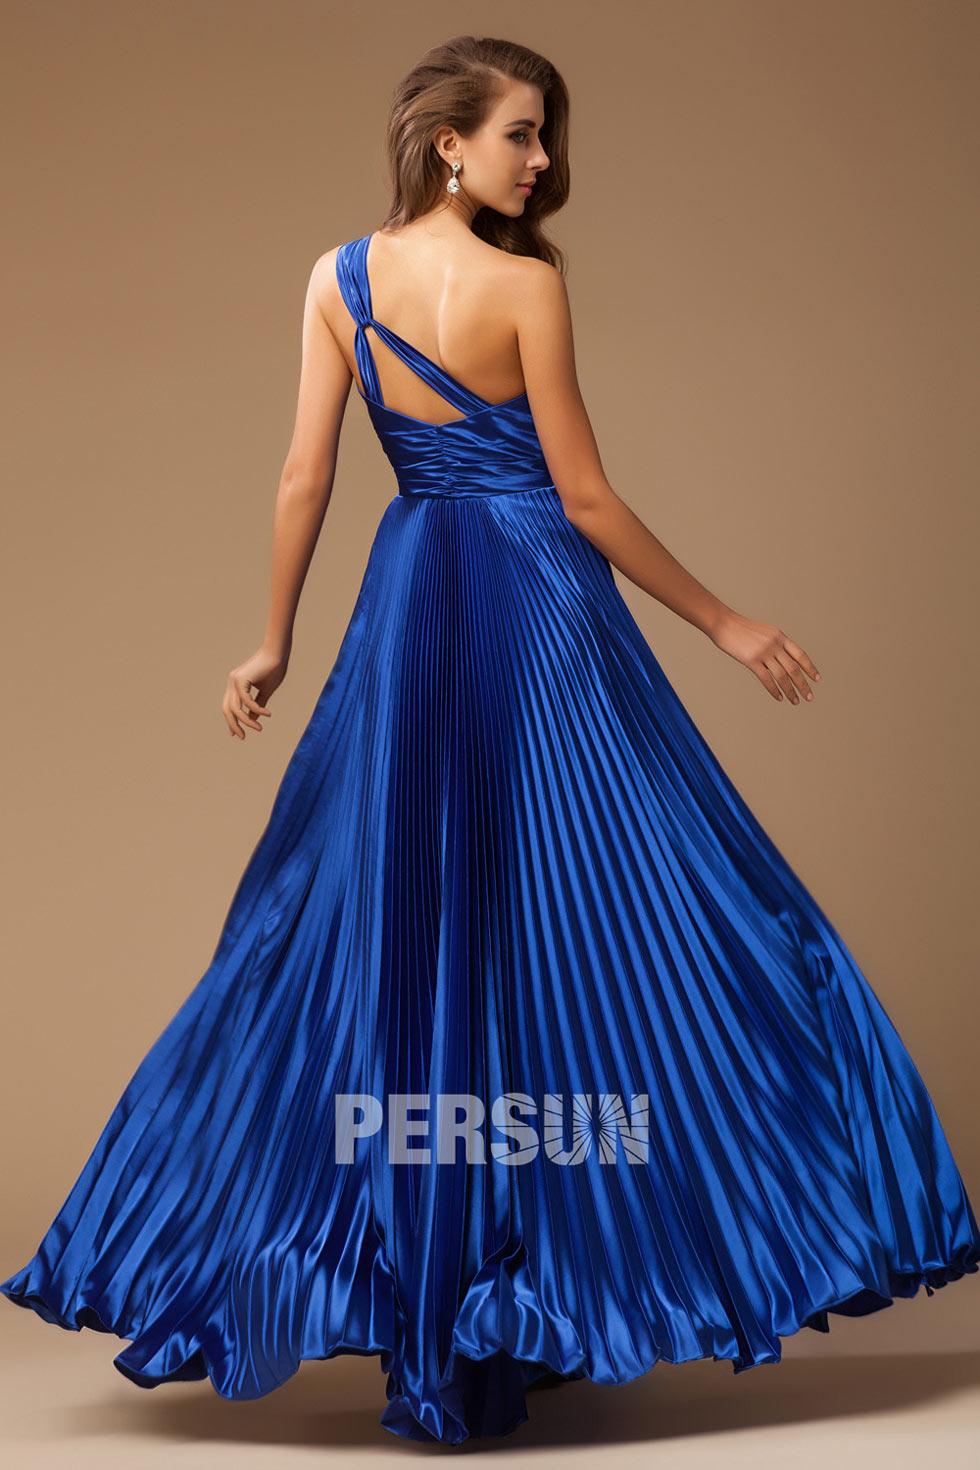 robe chic en royal bleu asymétrique à paillettes pour soirée mondaine satin élastique